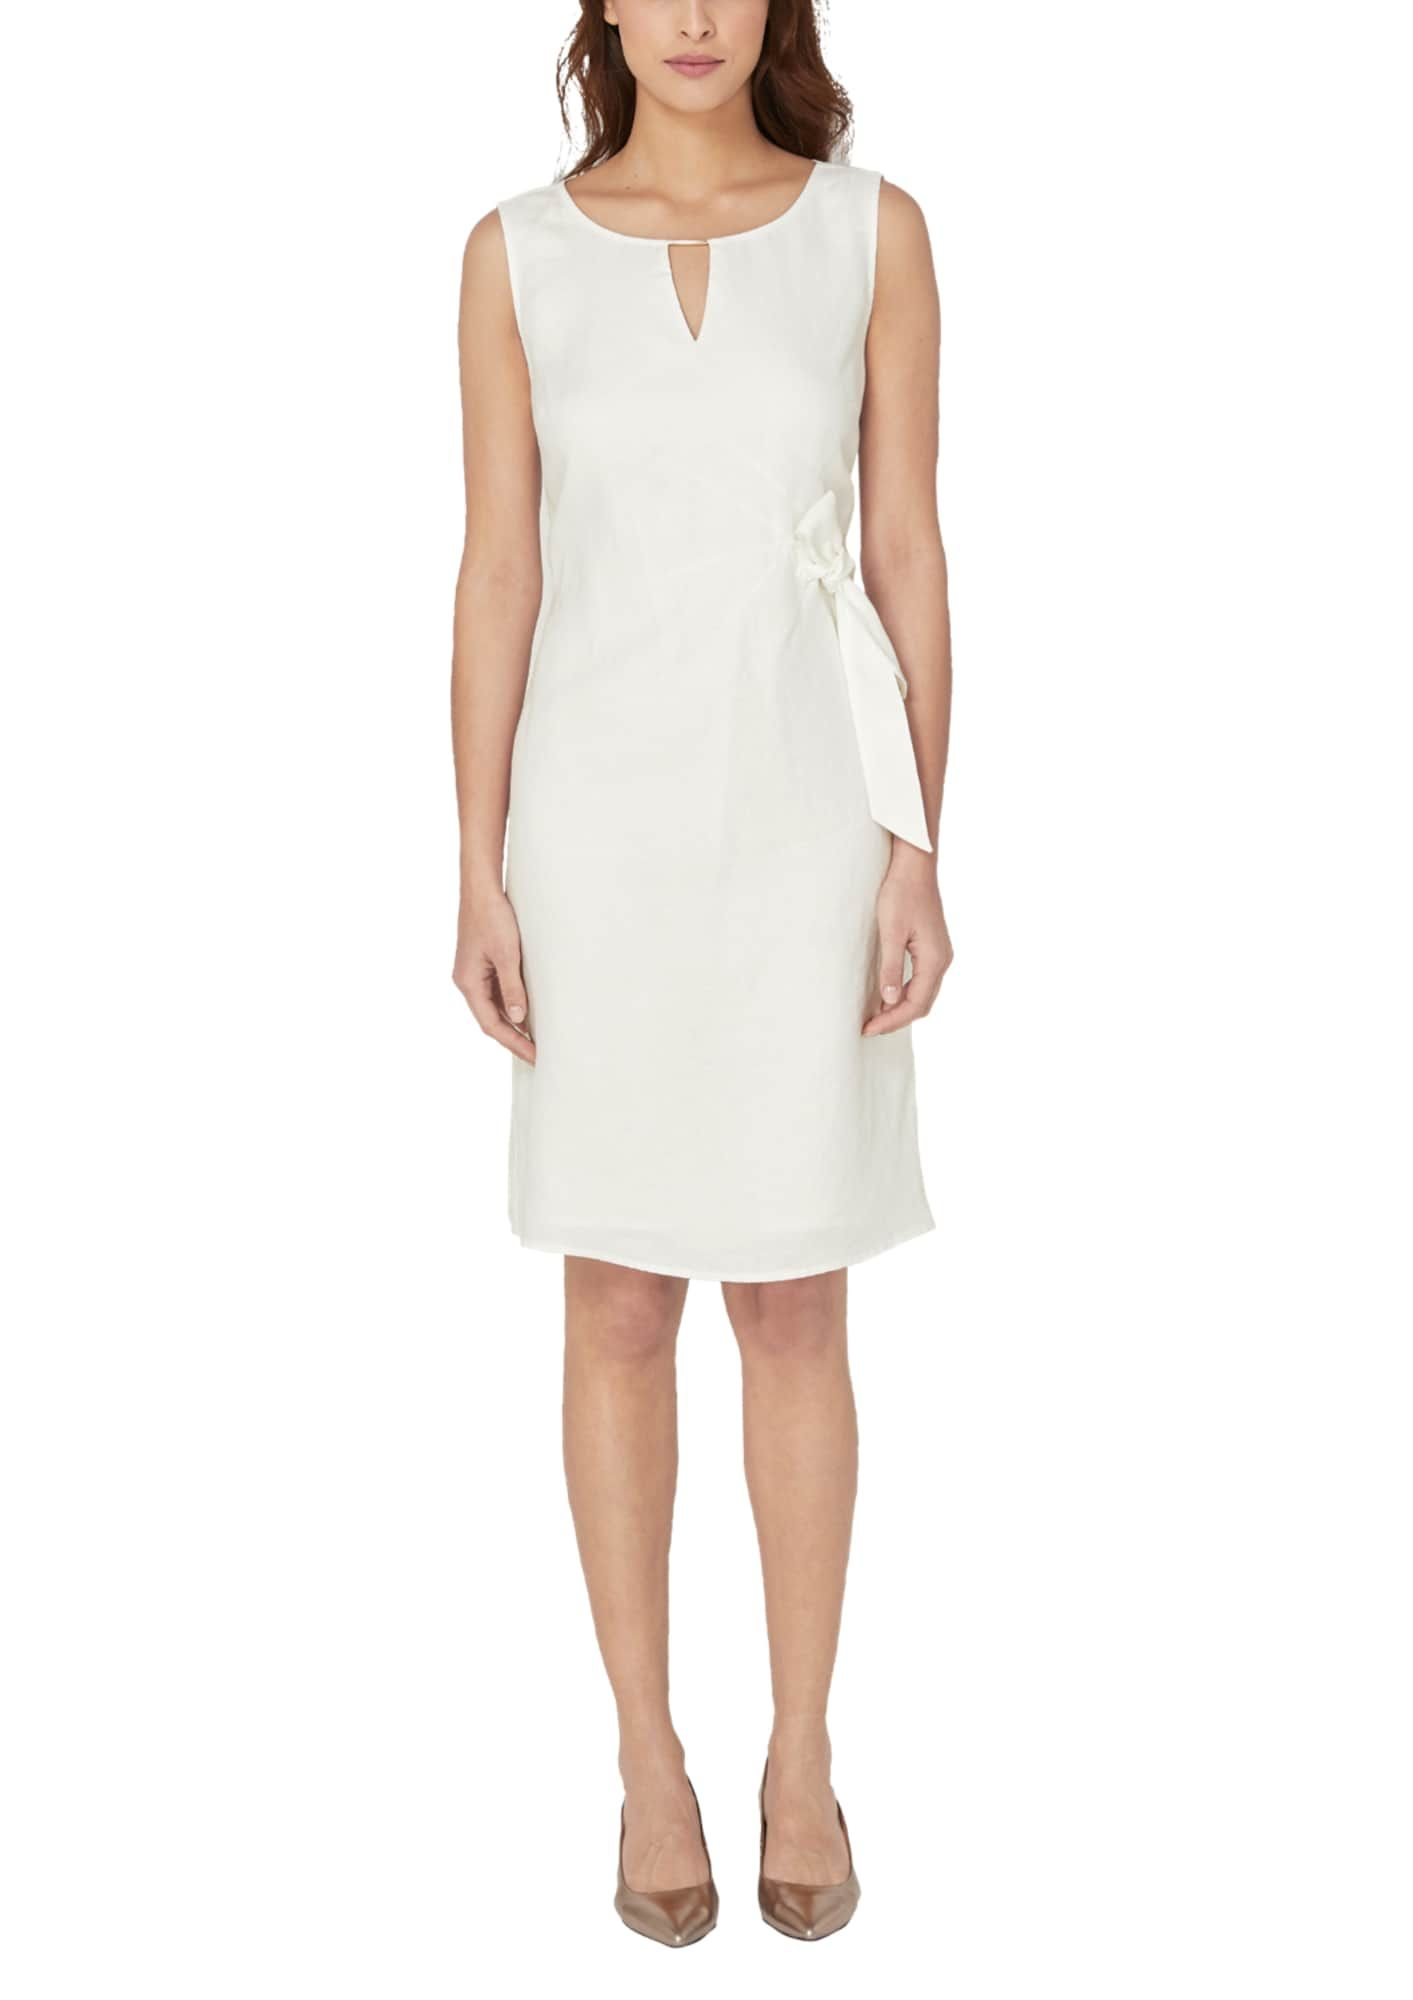 S.Oliver BLACK LABEL Kleid Damen, Weiß, Größe 18  Kleider, Kleid